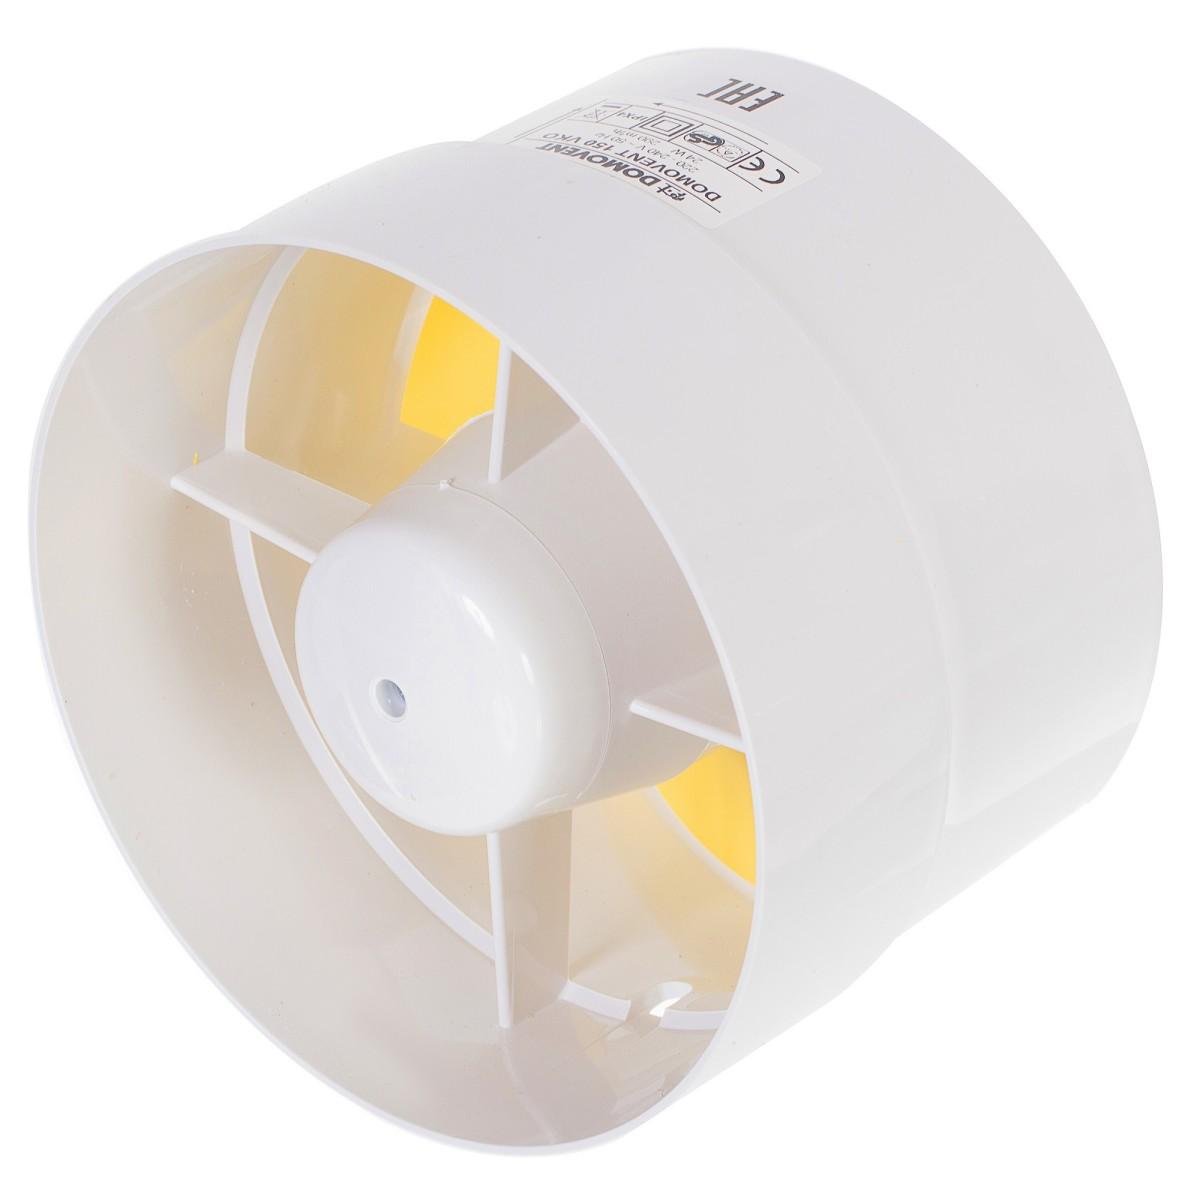 Вентилятор канальный Домовент 150 ВКО D150 мм 24 Вт